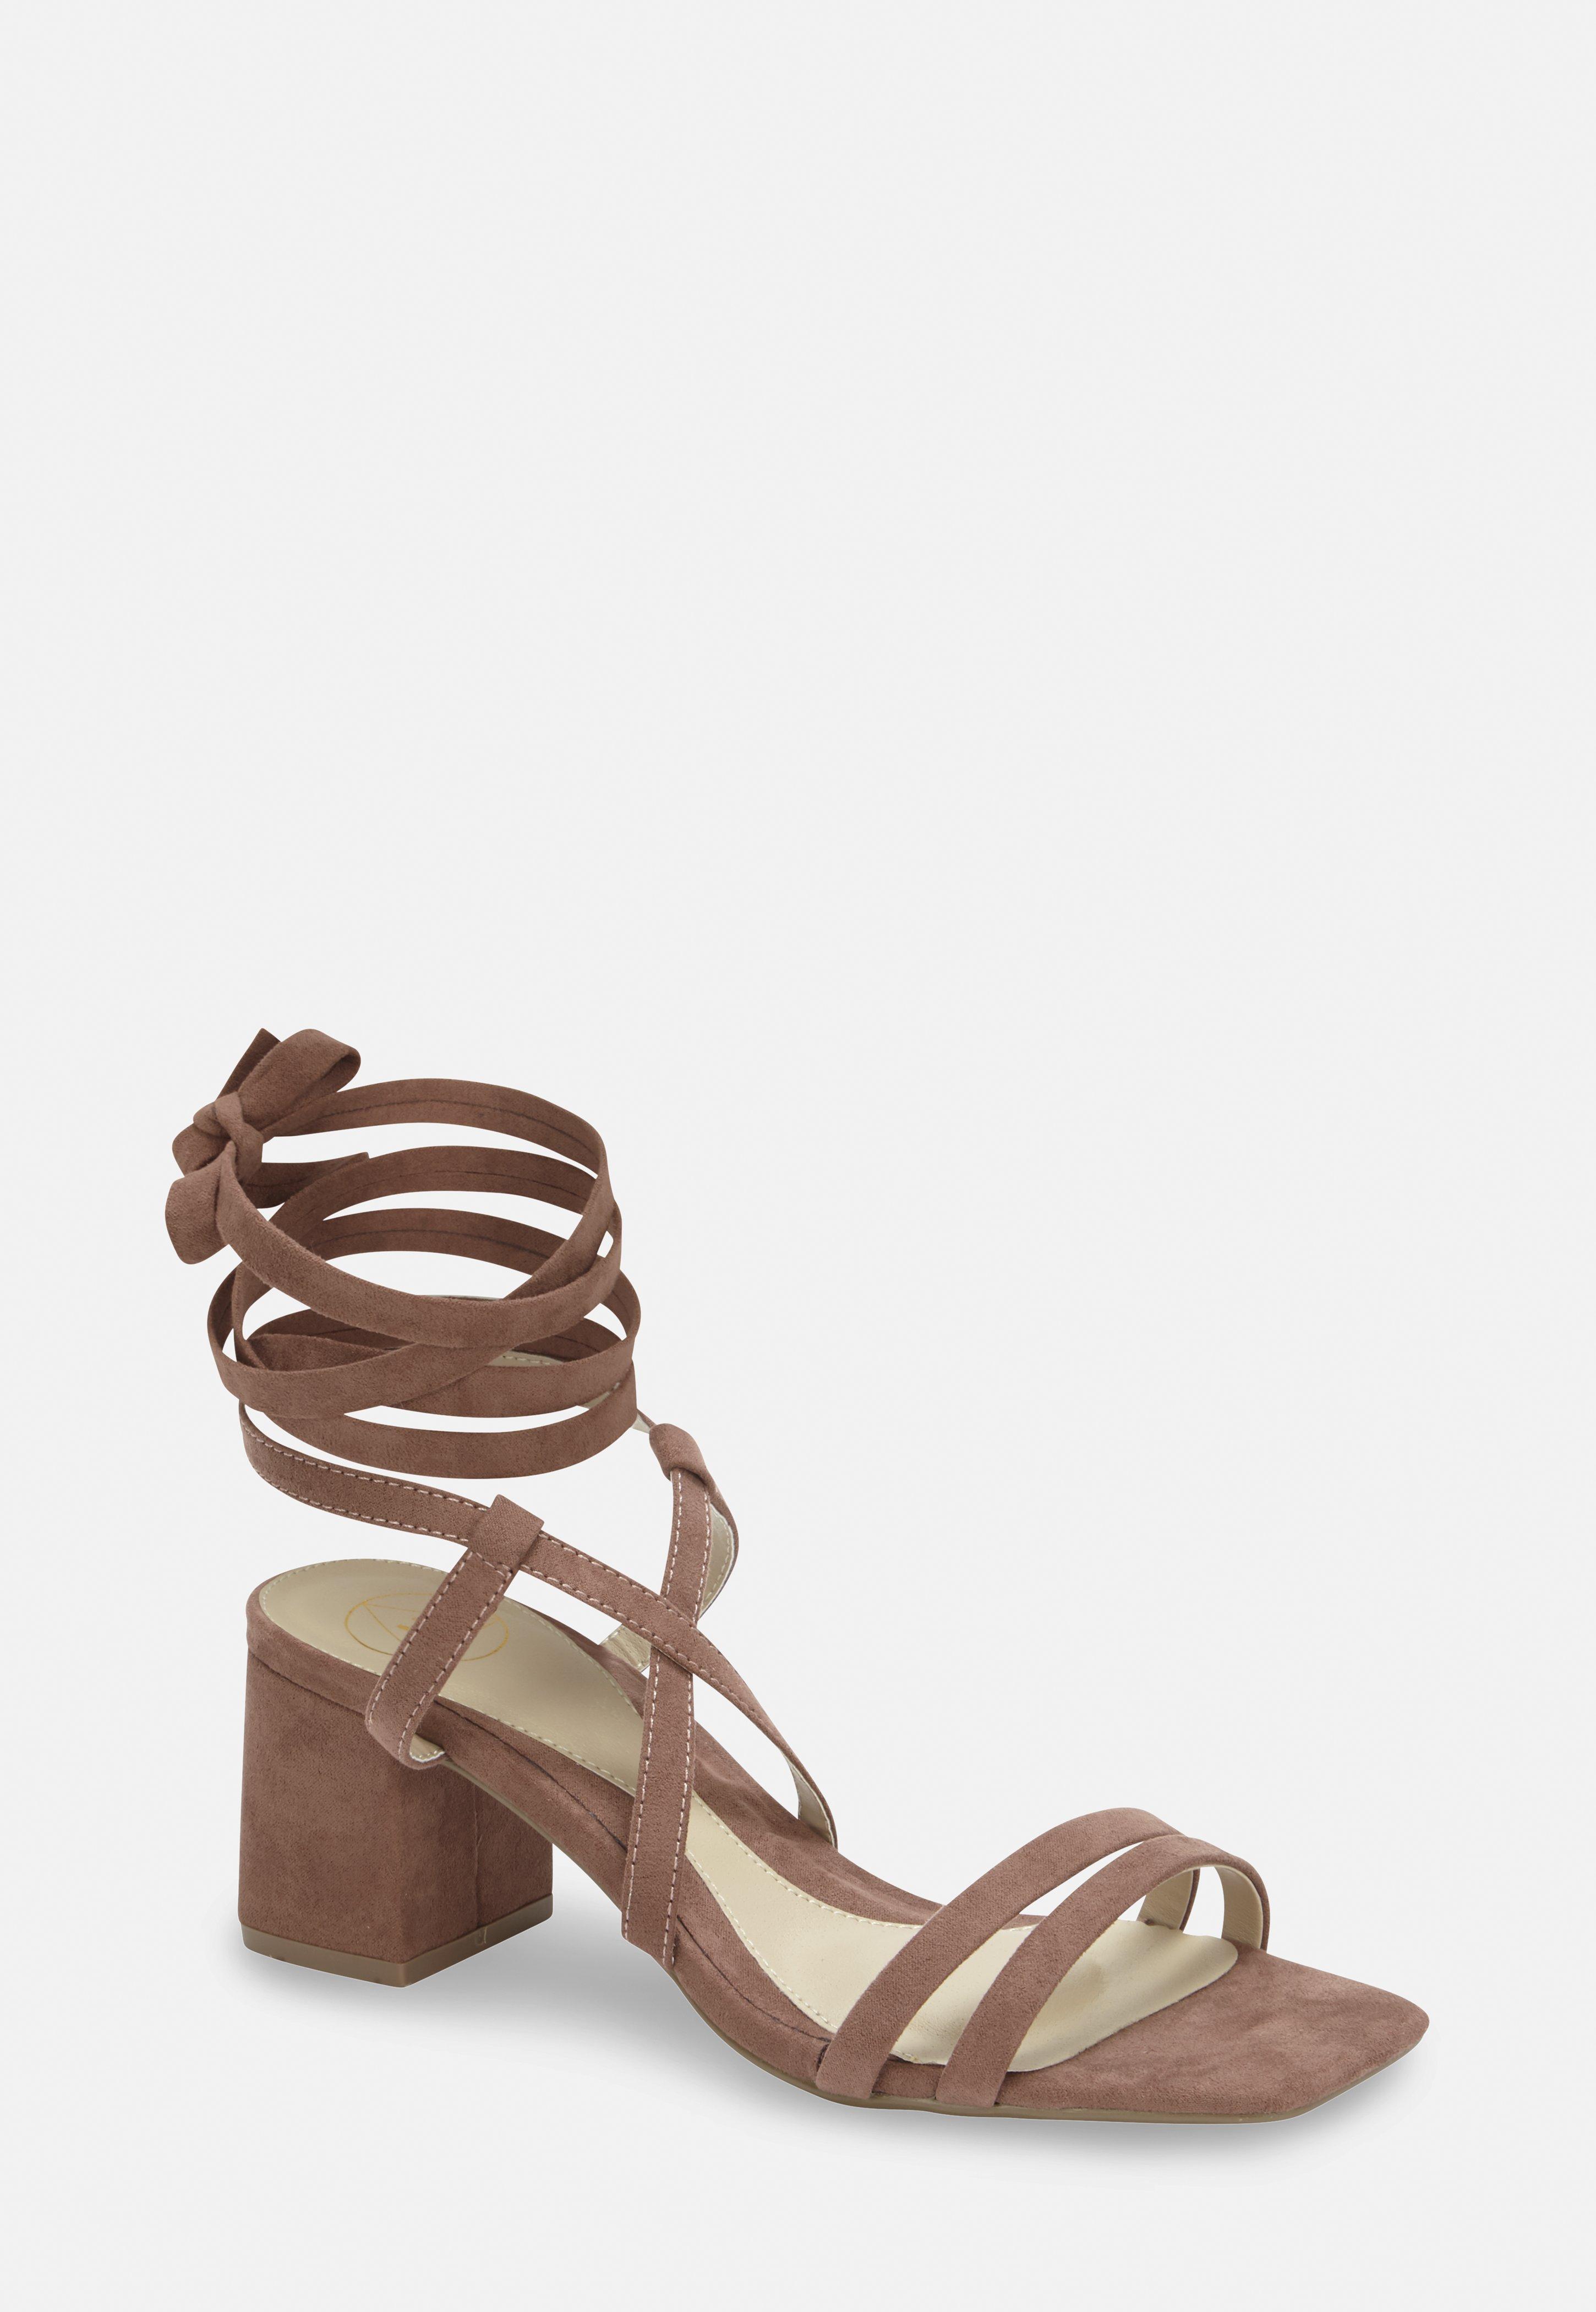 3afbda76d7e2d0 Talons hauts | Chaussure à talon & talon aiguille - Missguided